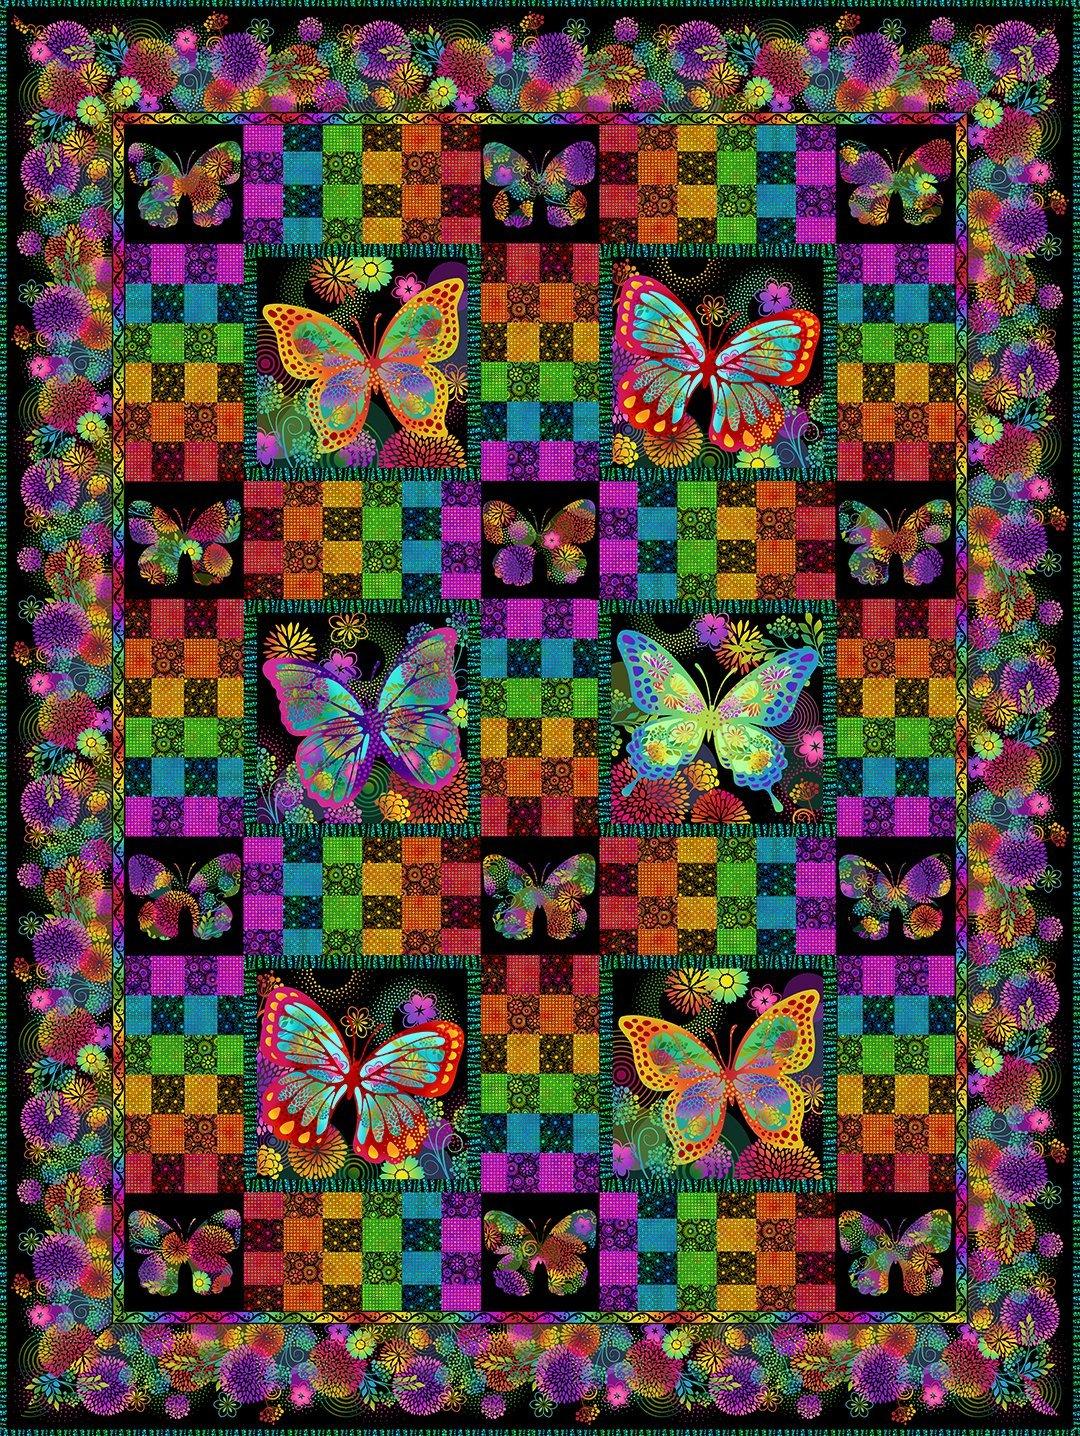 Unusual Garden II Butterfly Quilt Kit